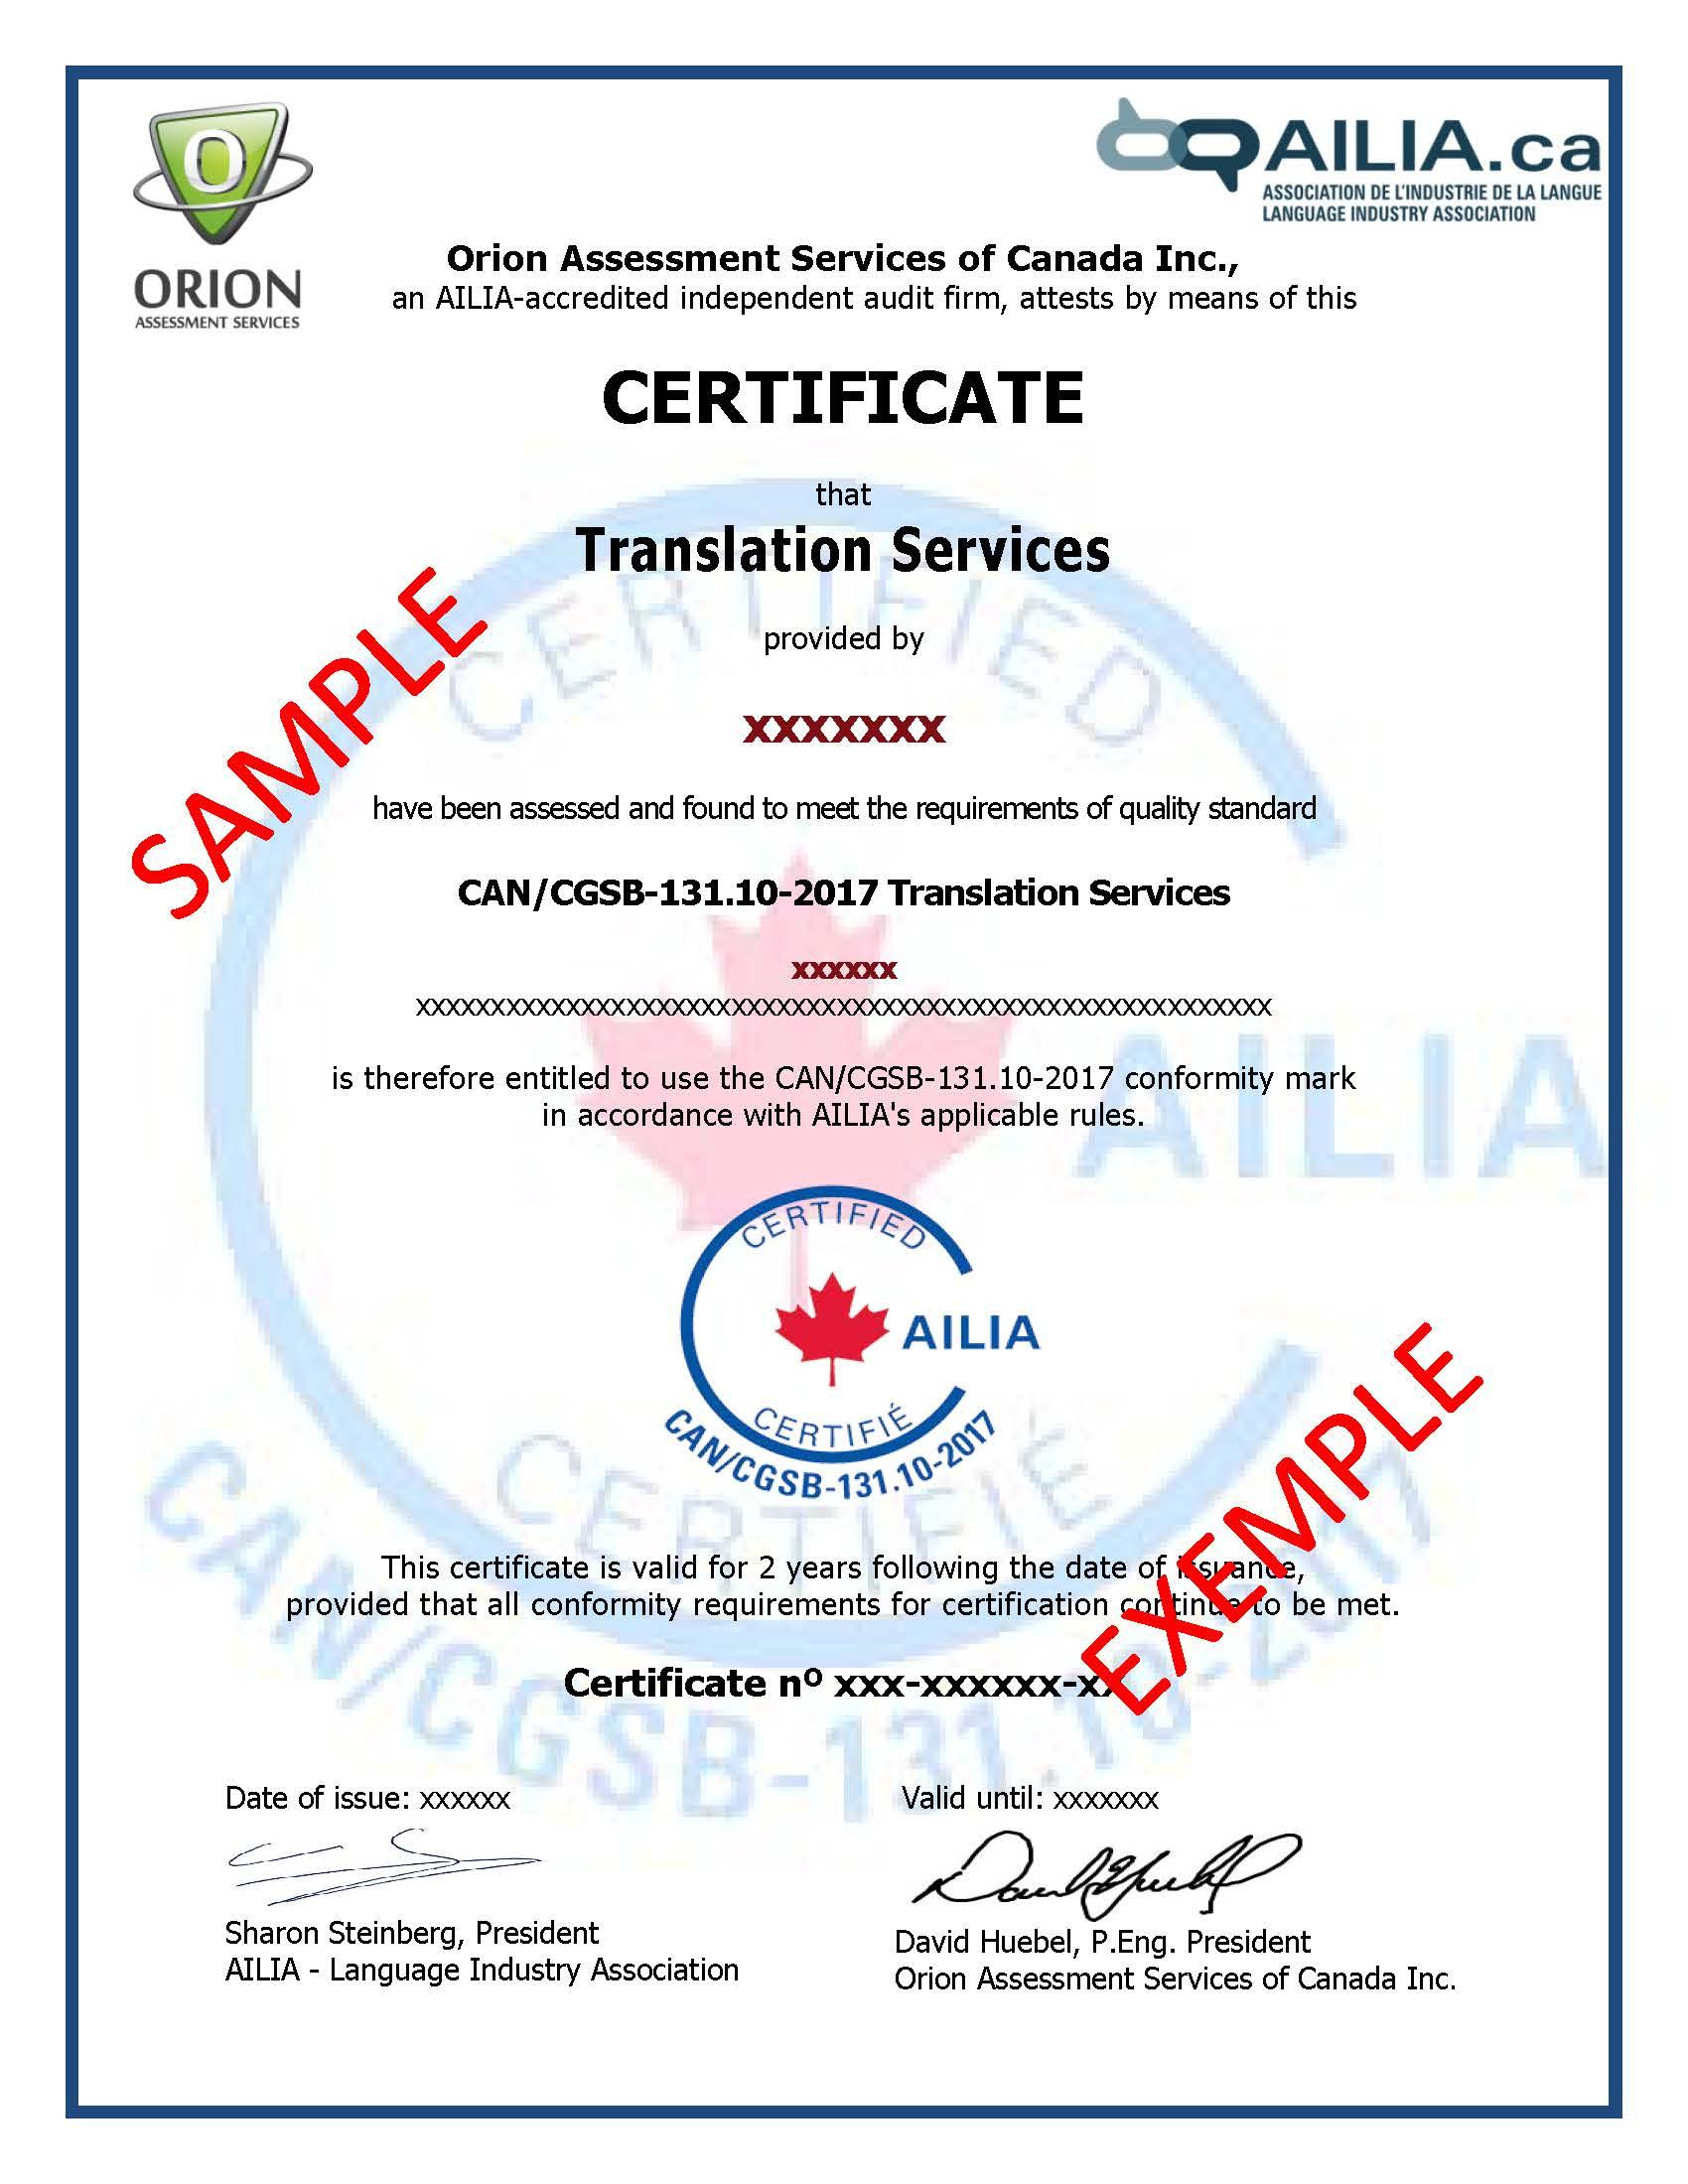 AILIA L Association De L Industrie De La Langue